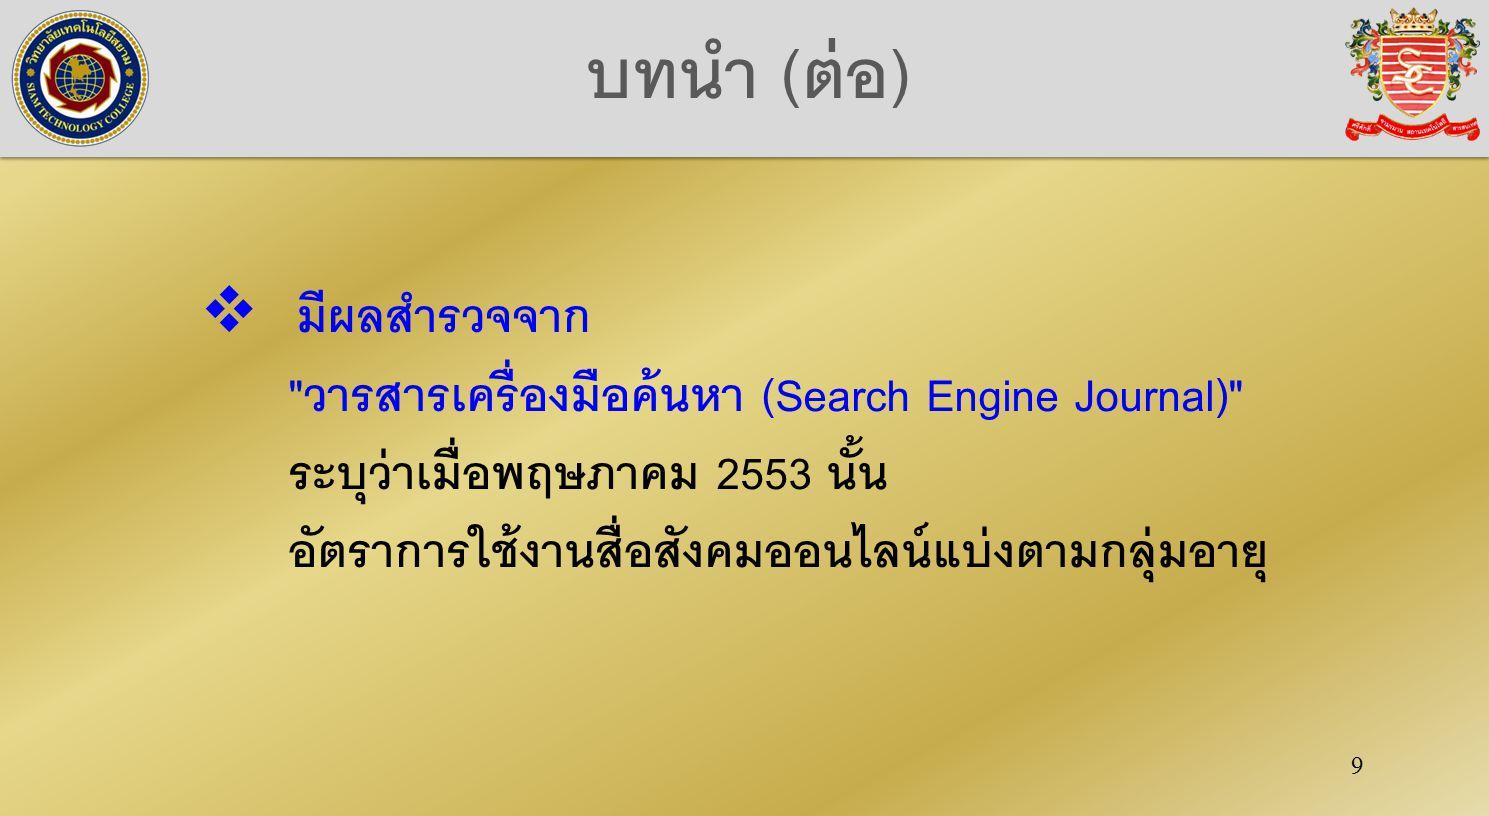 9  มีผลสำรวจจาก วารสารเครื่องมือค้นหา (Search Engine Journal) ระบุว่าเมื่อพฤษภาคม 2553 นั้น อัตราการใช้งานสื่อสังคมออนไลน์แบ่งตามกลุ่มอายุ บทนำ (ต่อ)